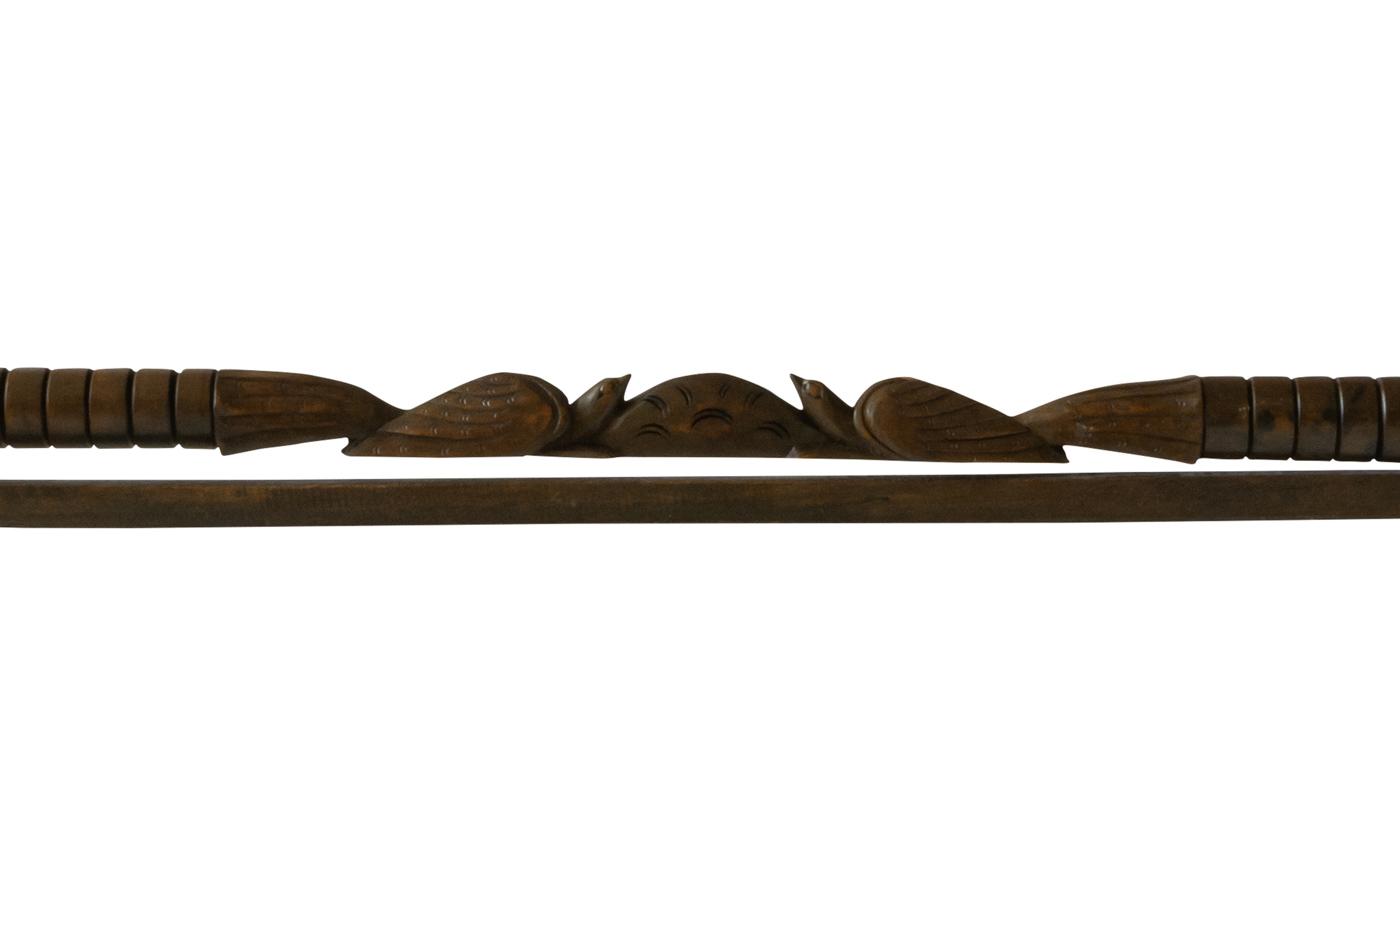 Soporte de pared para textiles en madera diseño aves